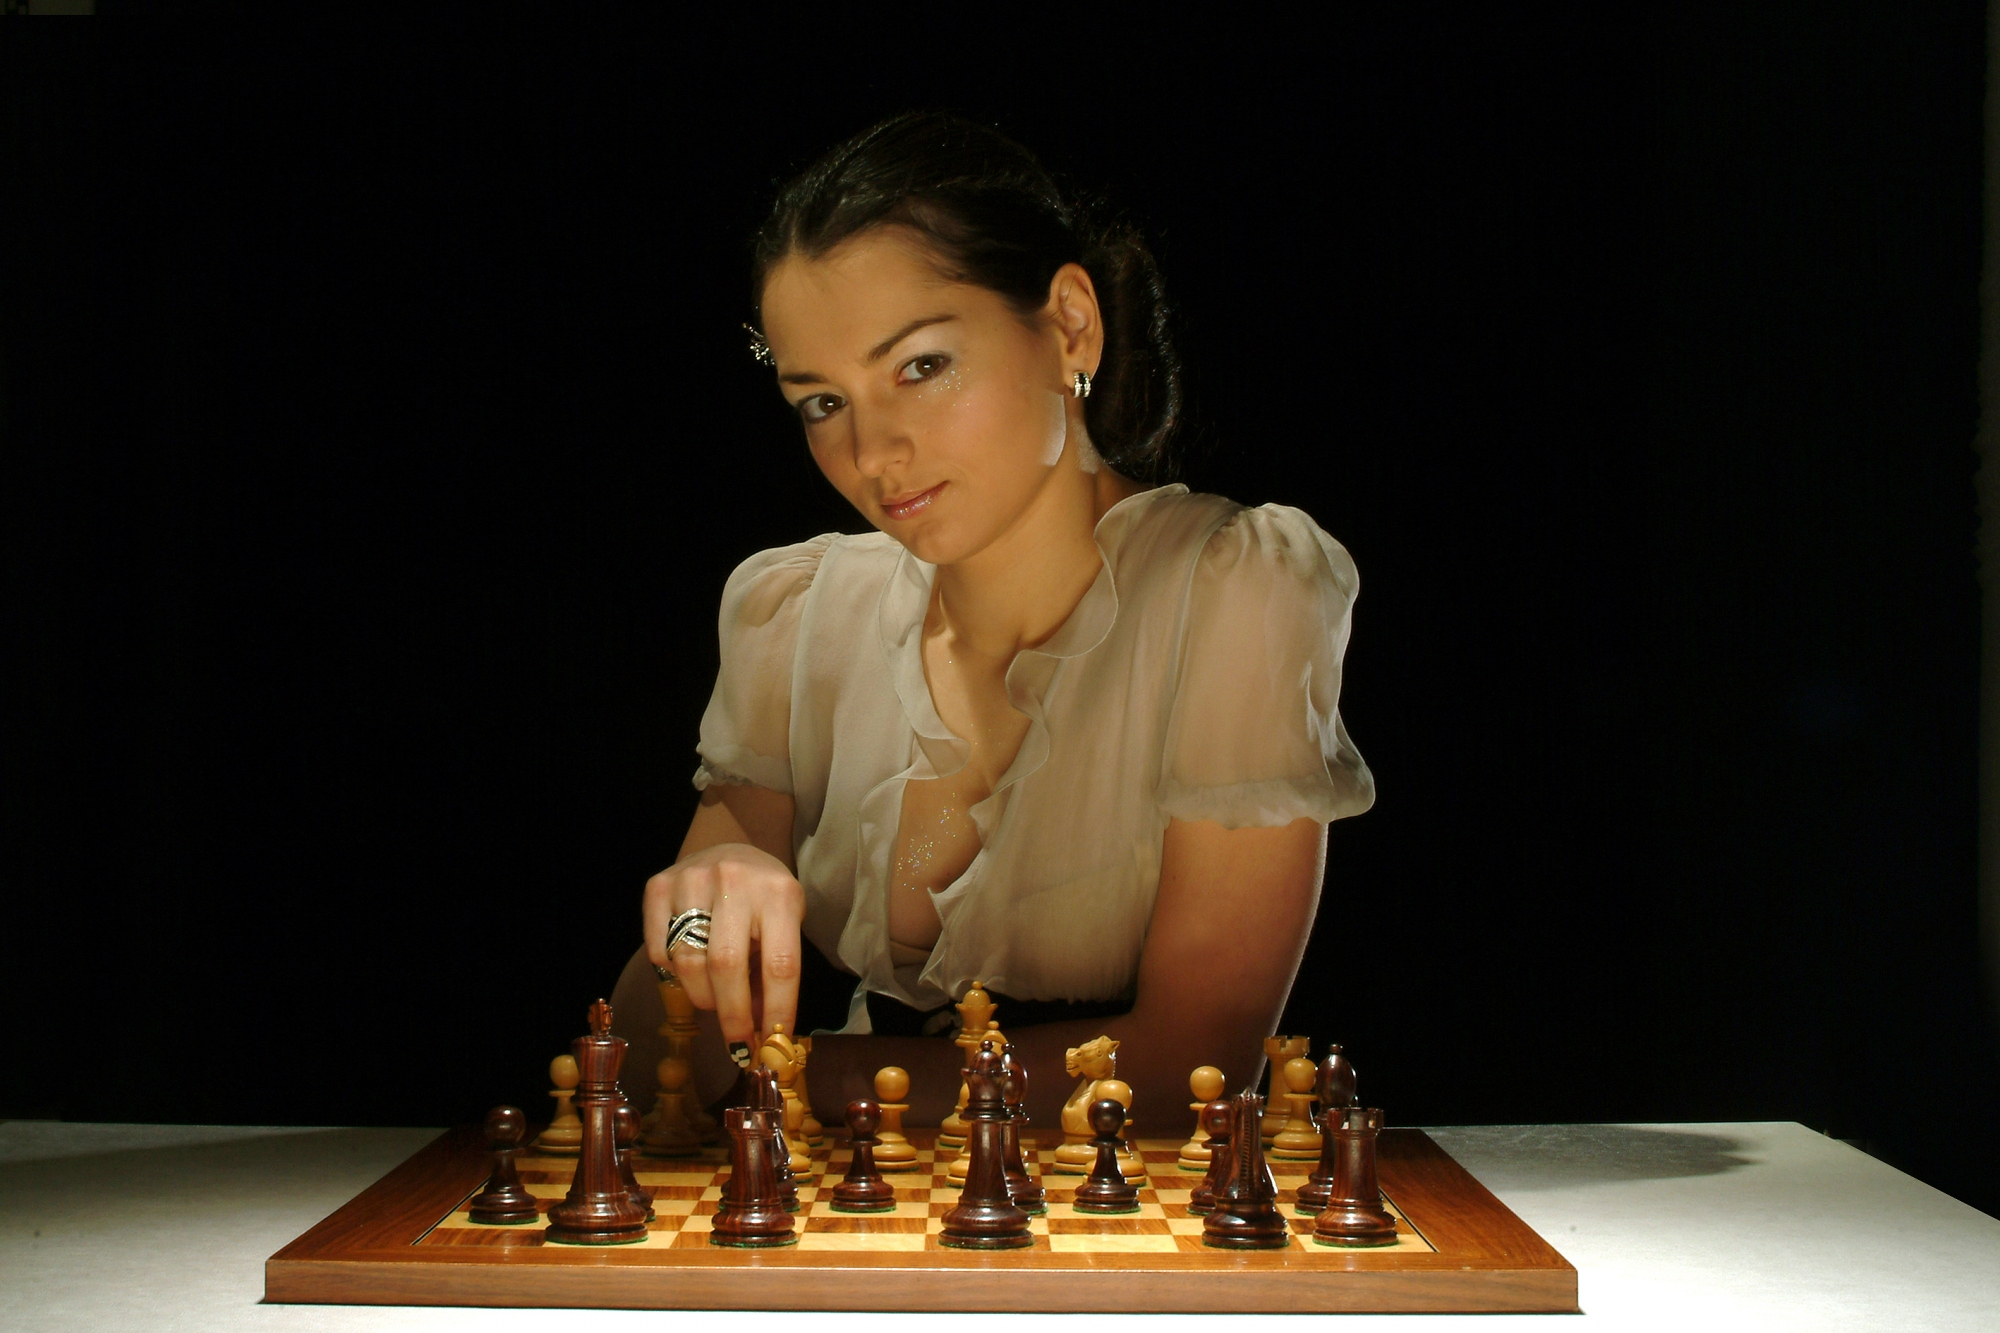 Играть с девушкой шахматы на раздевание